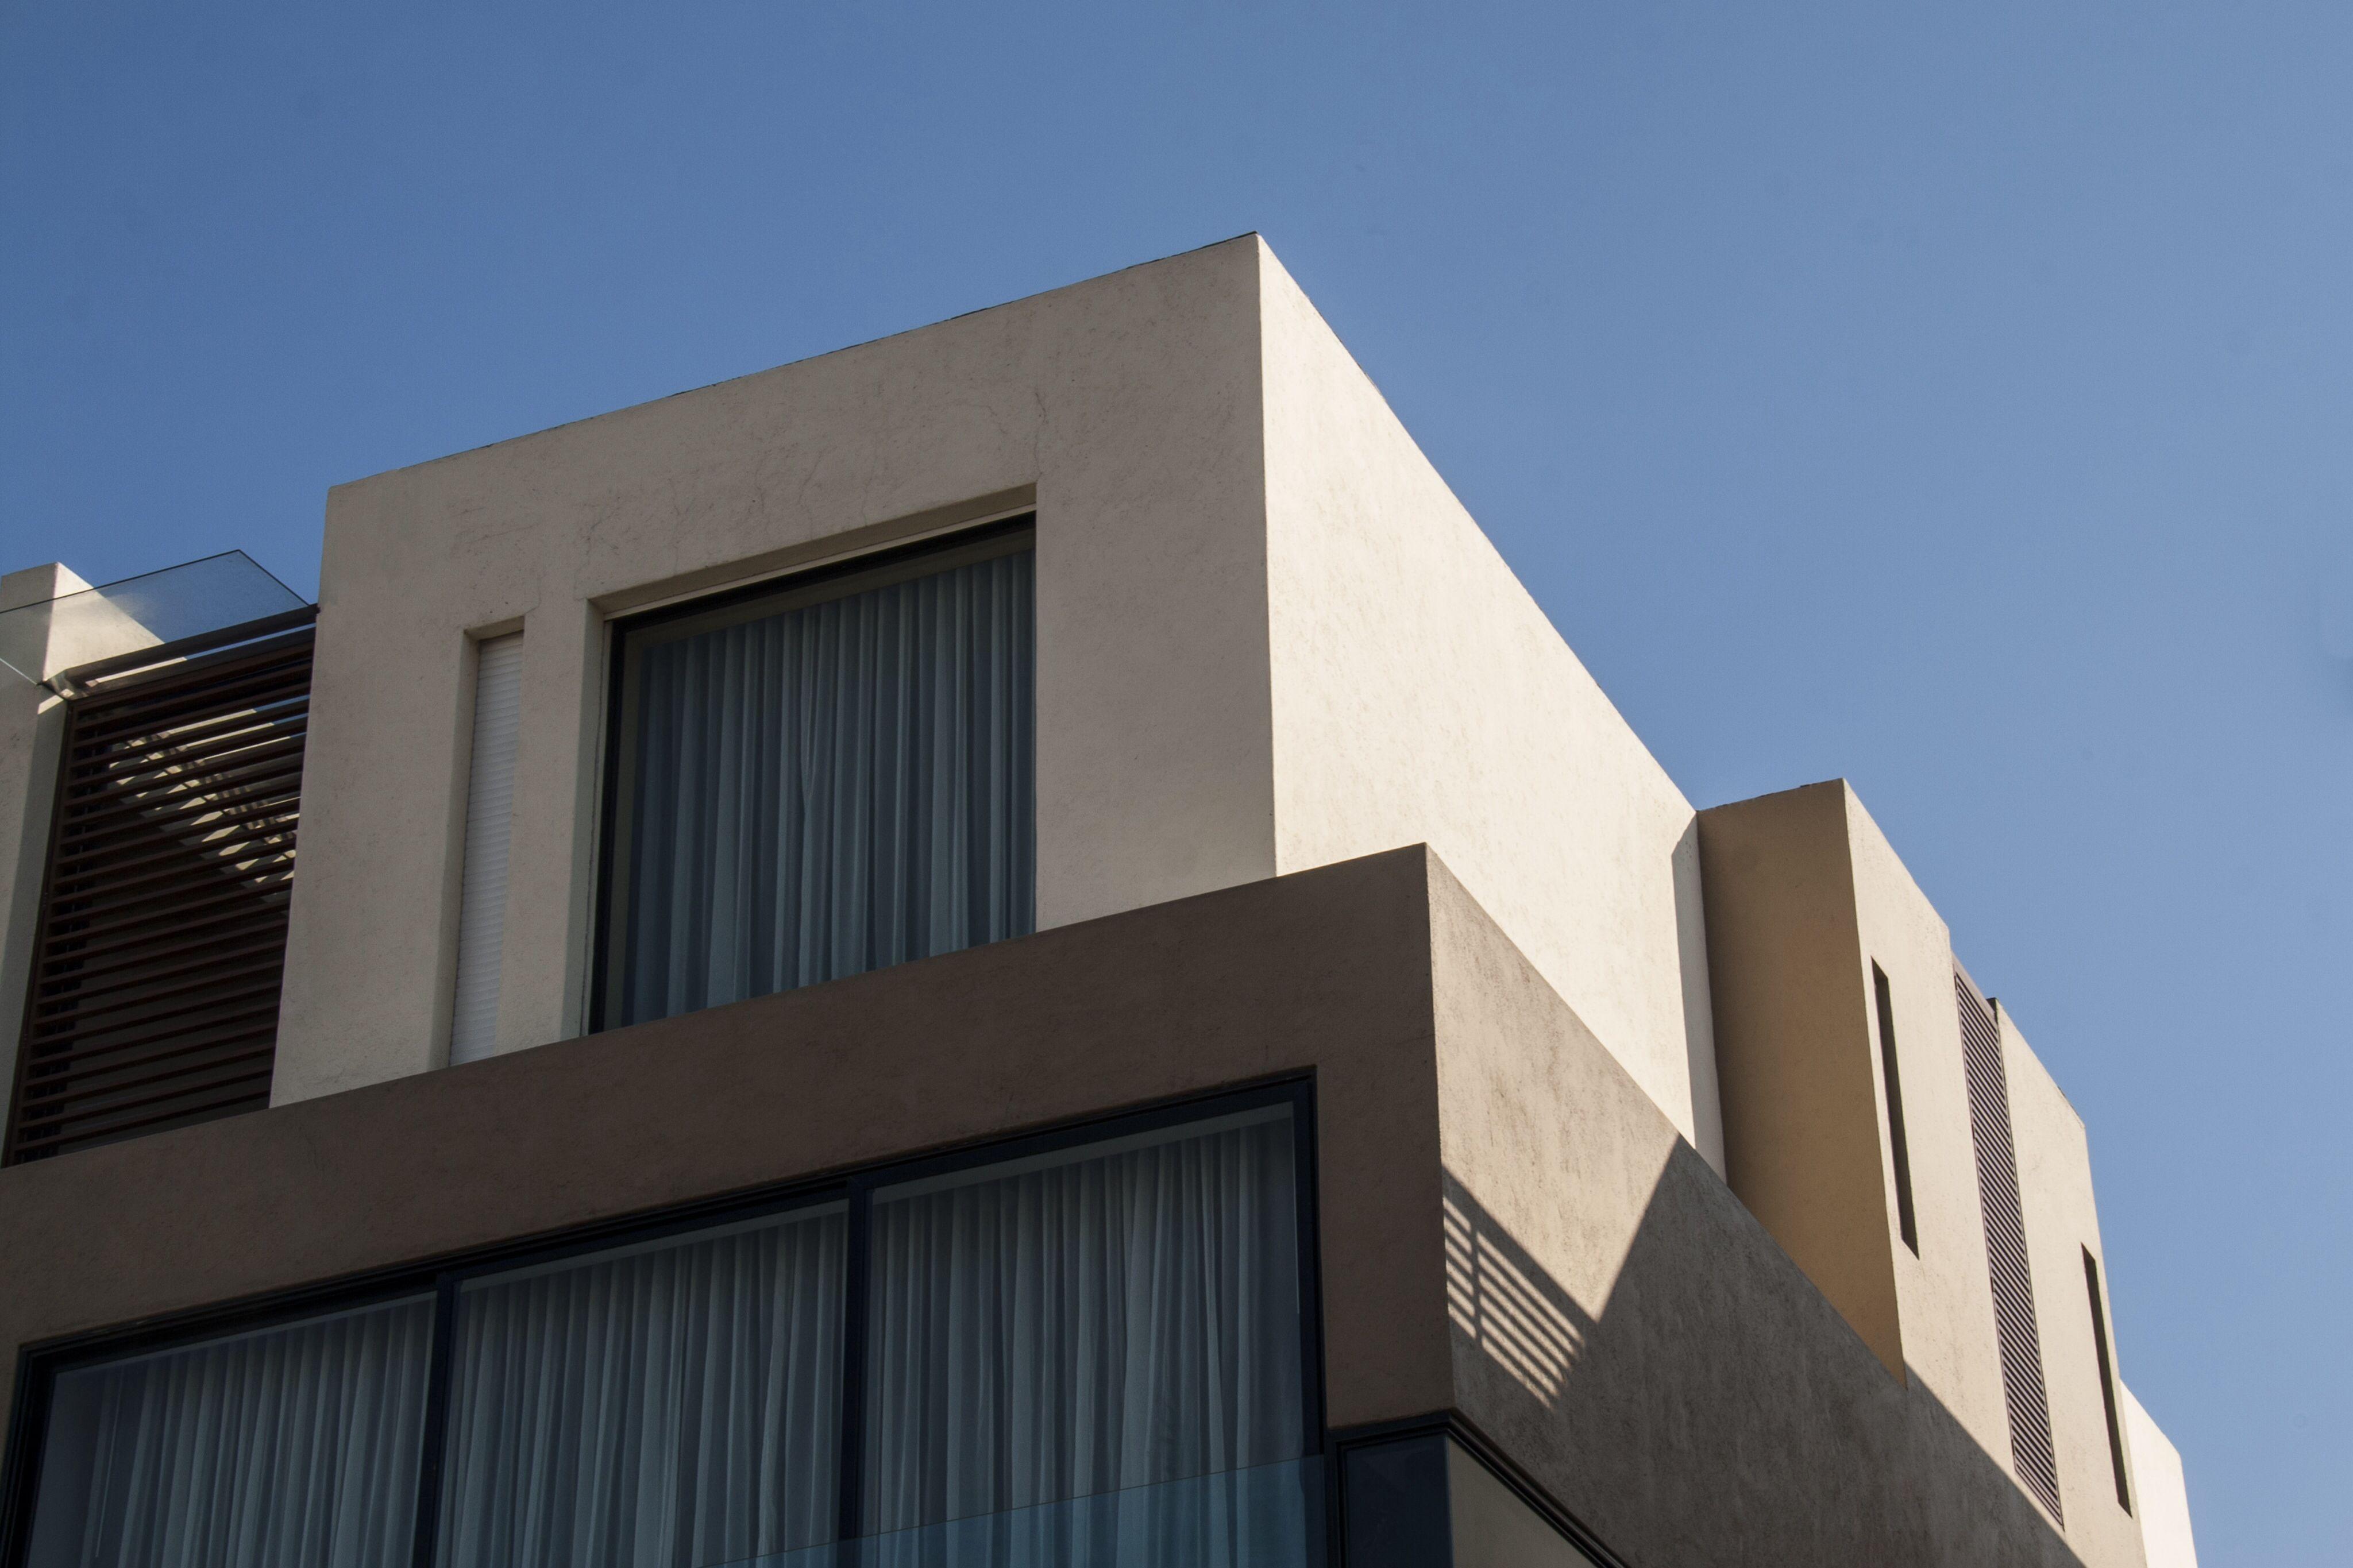 Casa ss fachada ventanas aluminio negro juego de luz for Fachada aluminio